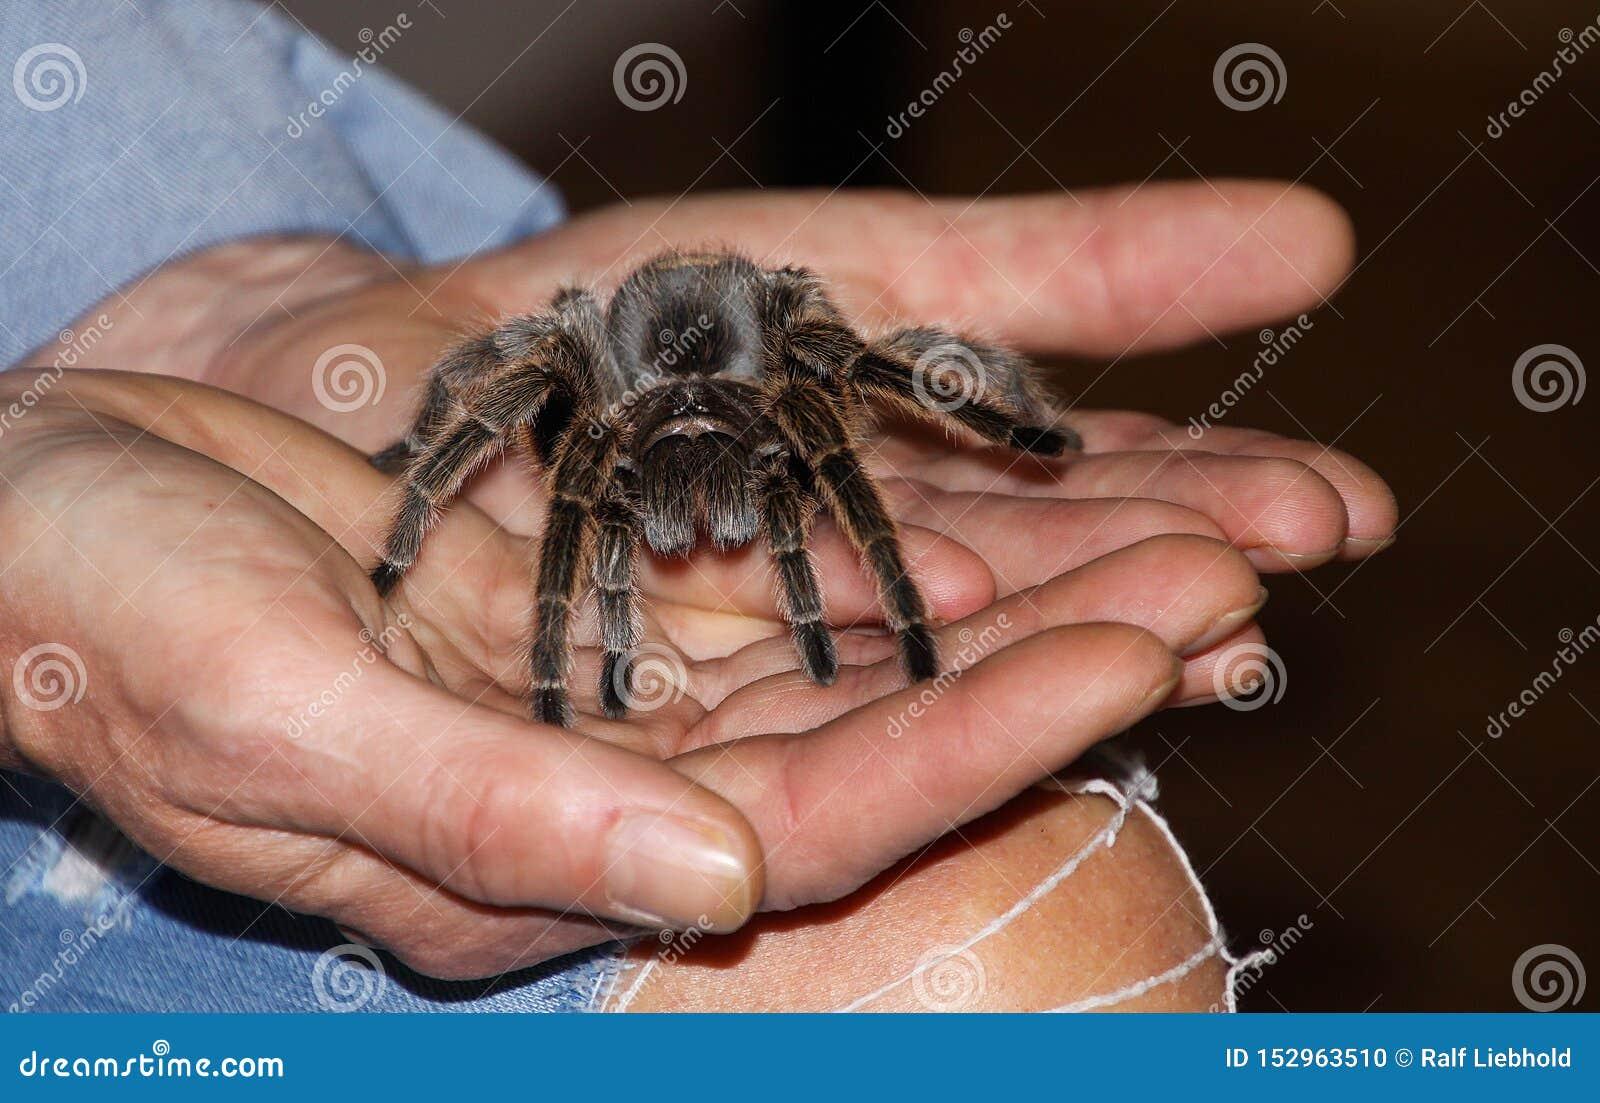 Fermez-vous des mains humaines tenant l araignée toxique de tarentule